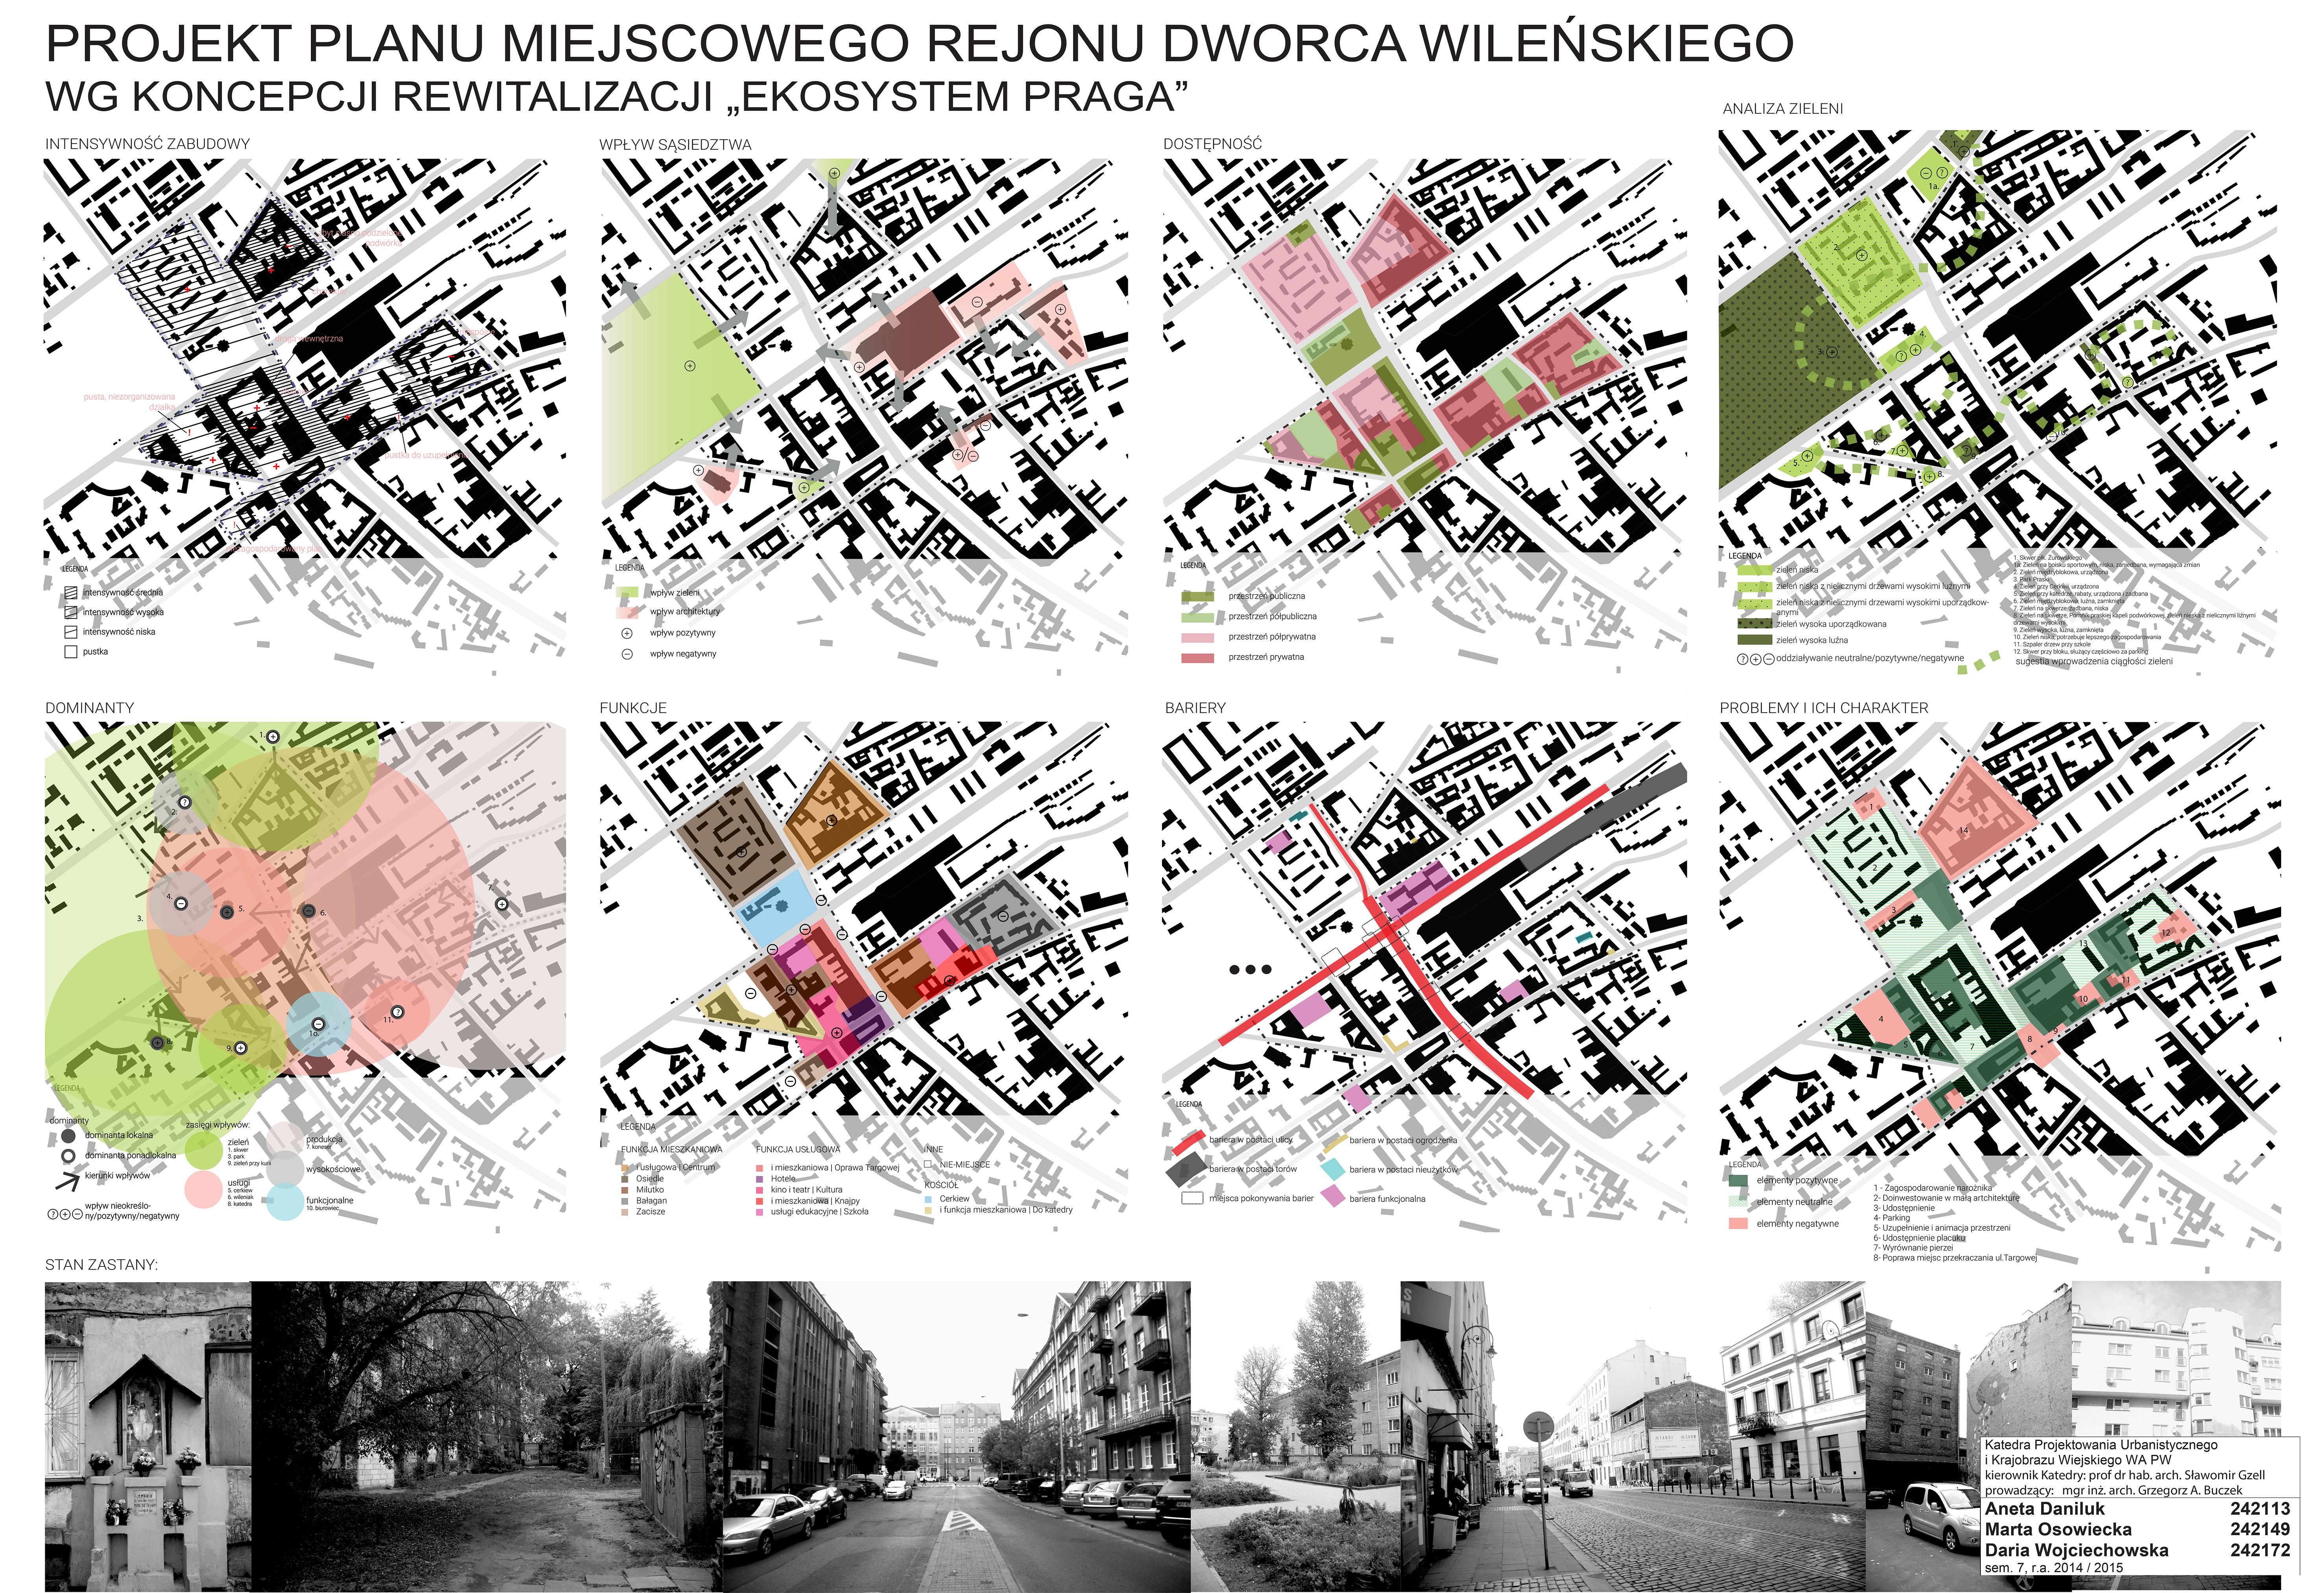 Projekt MPZP rejonu Dworca Wileńskiego